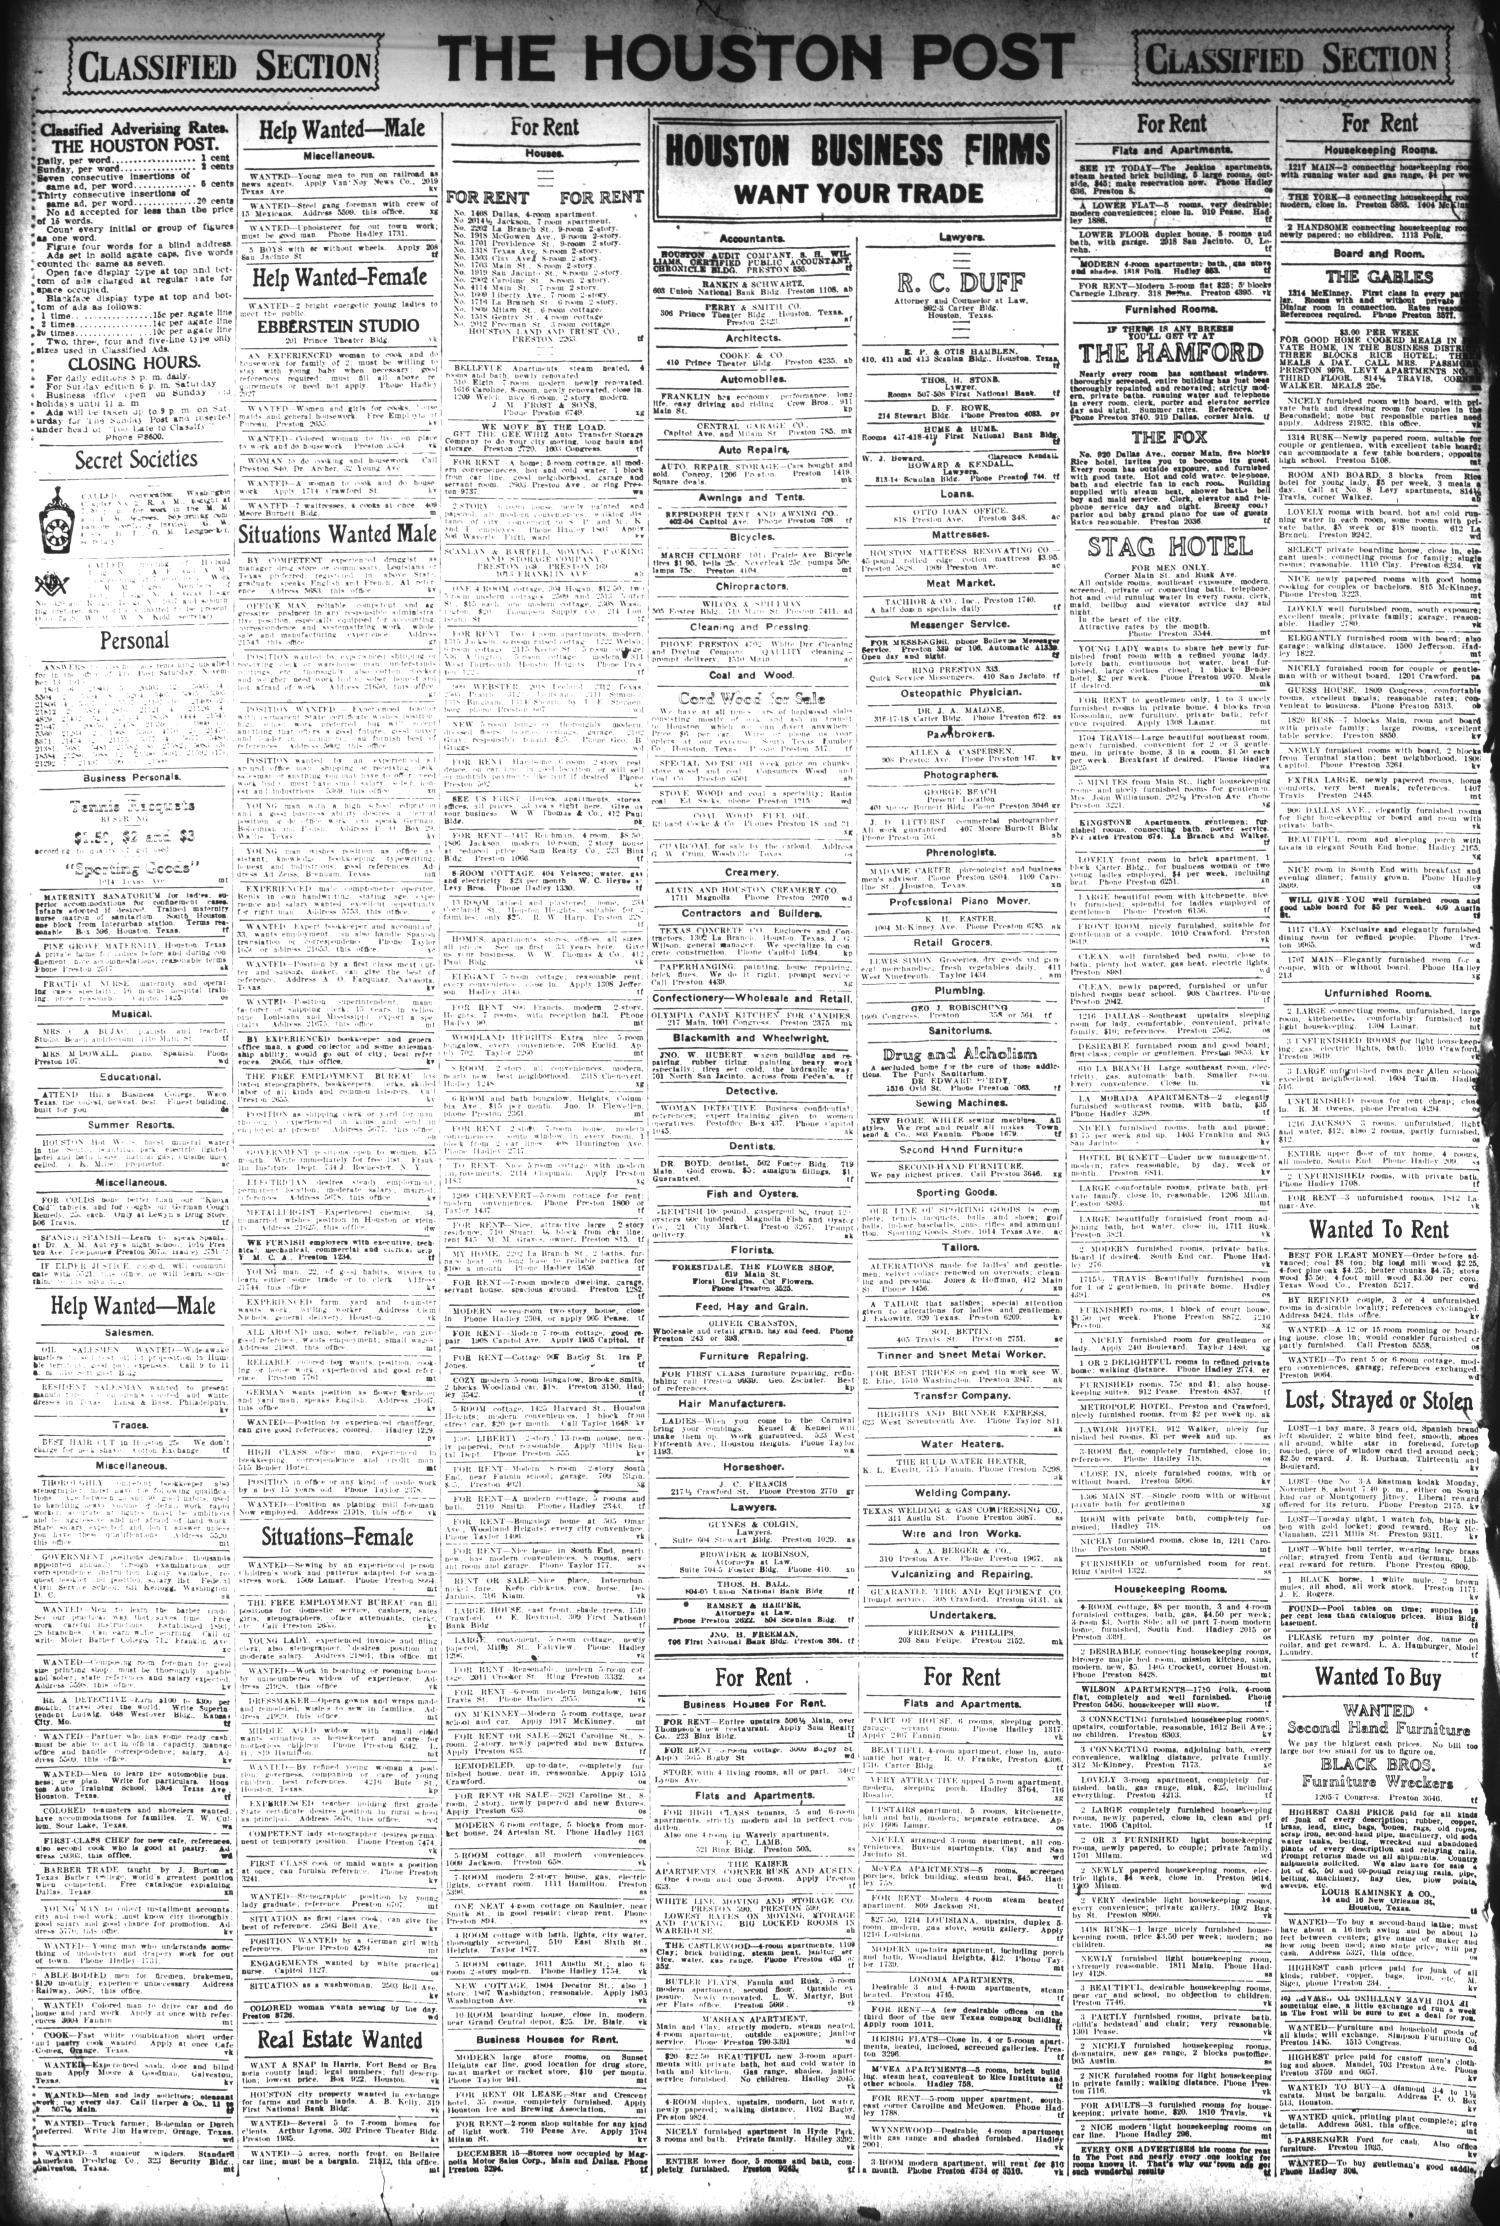 The Houston Post  (Houston, Tex ), Vol  30, No  226, Ed  1